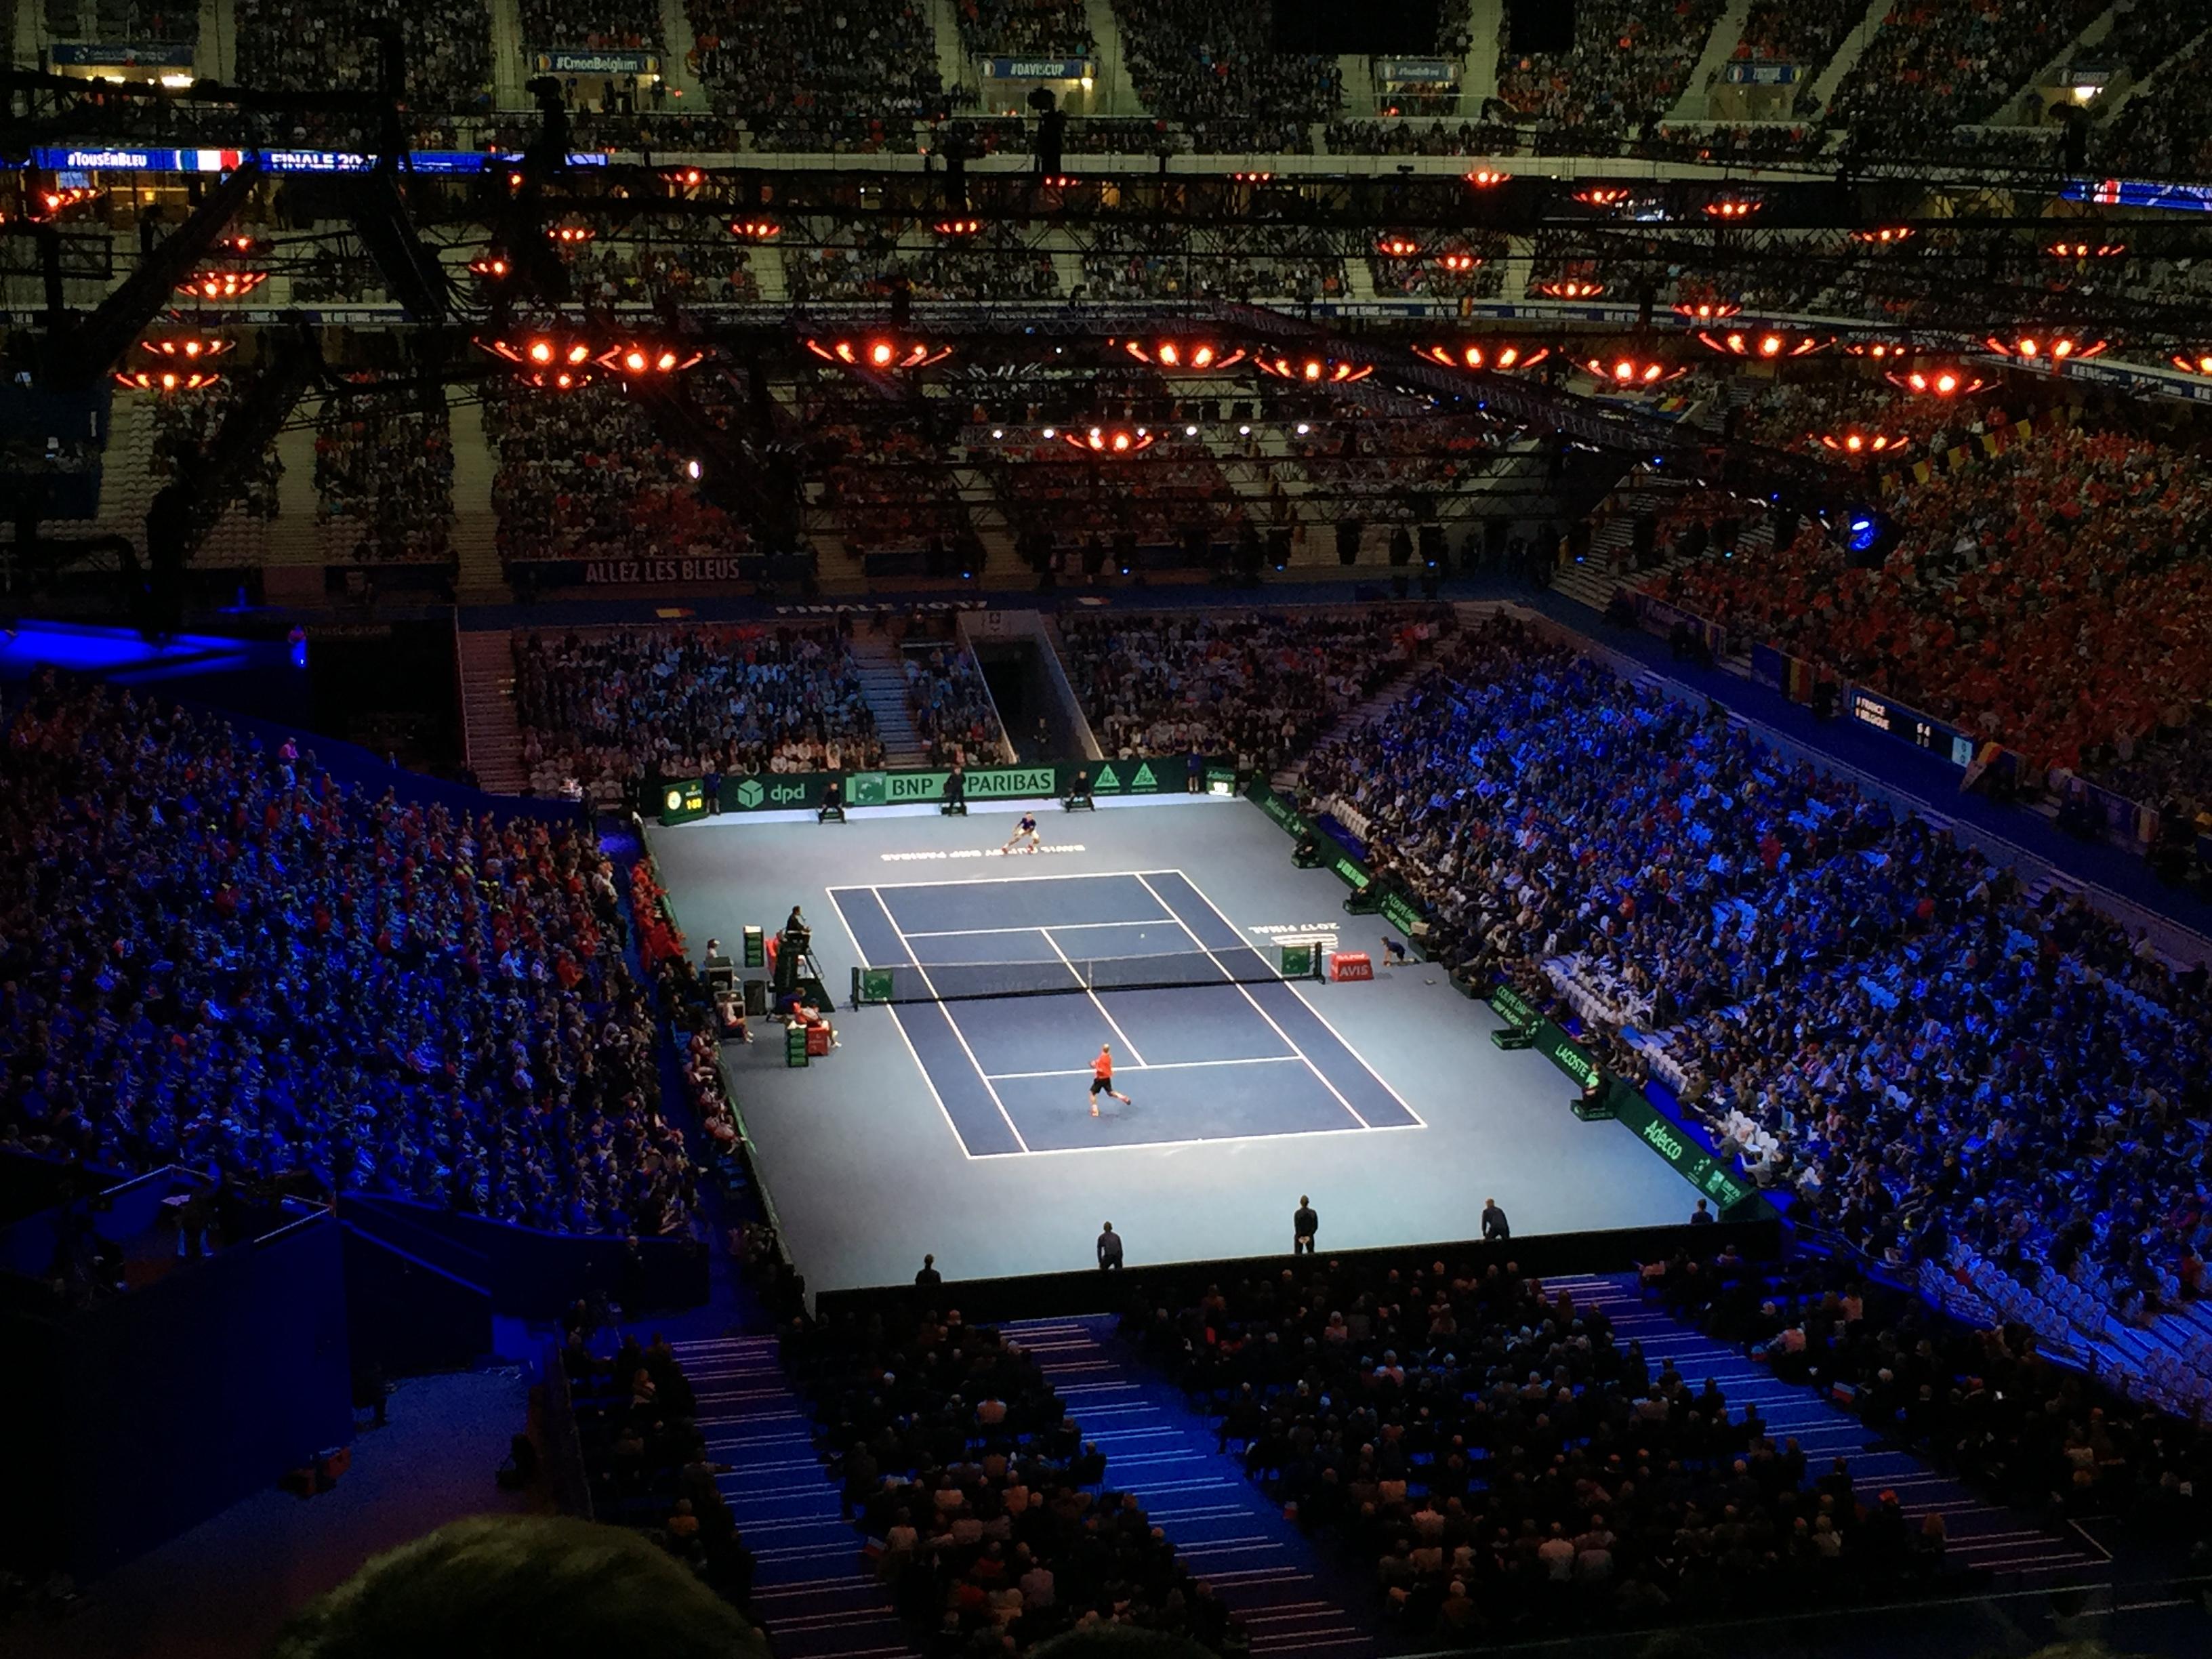 Pierre_Mauroy_Stadium_Tennis.jpg